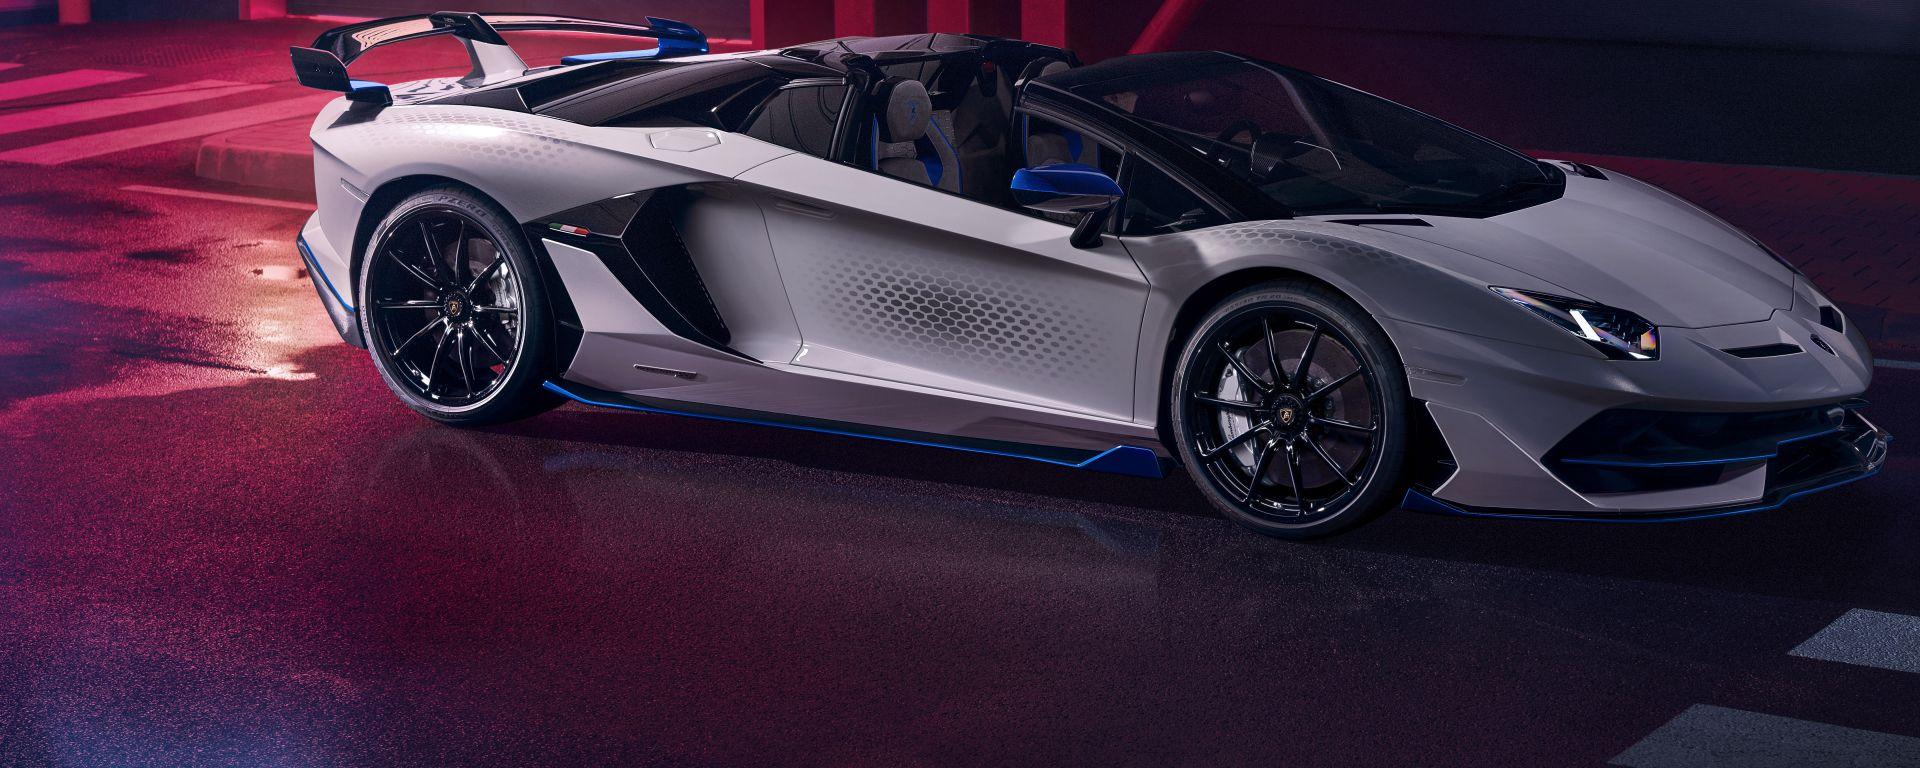 Lamborghini Aventador SVJ Xago Special Edition: il 3/4 anteriore